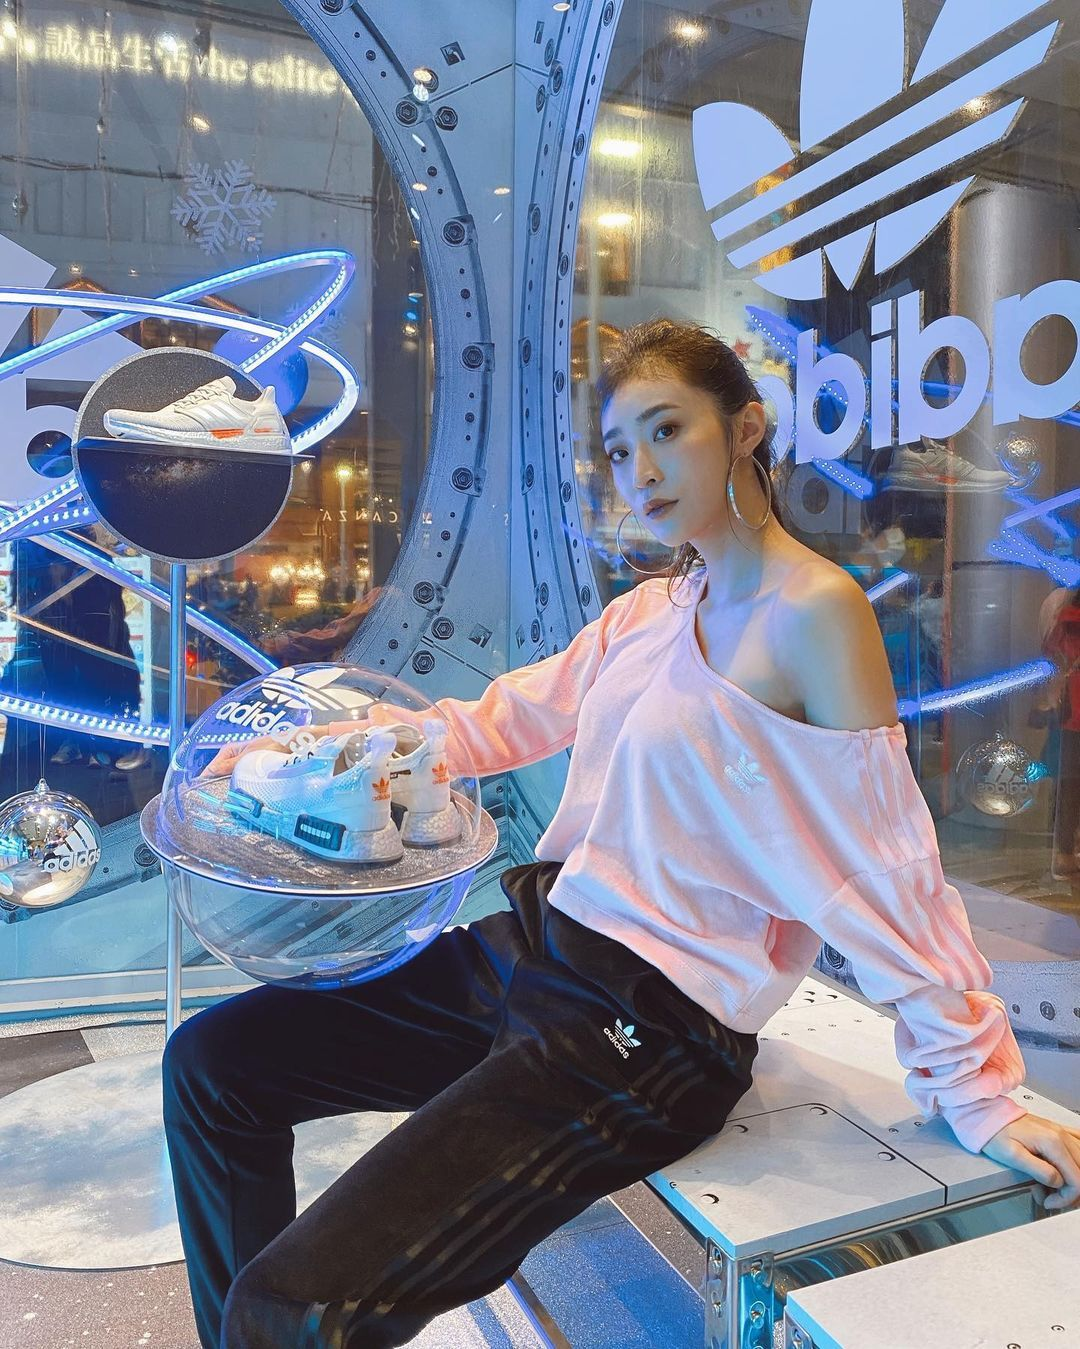 《康熙来了》的表特美女蔡沁妍,高颜值&高学历,外型酷似吴佩慈-新图包